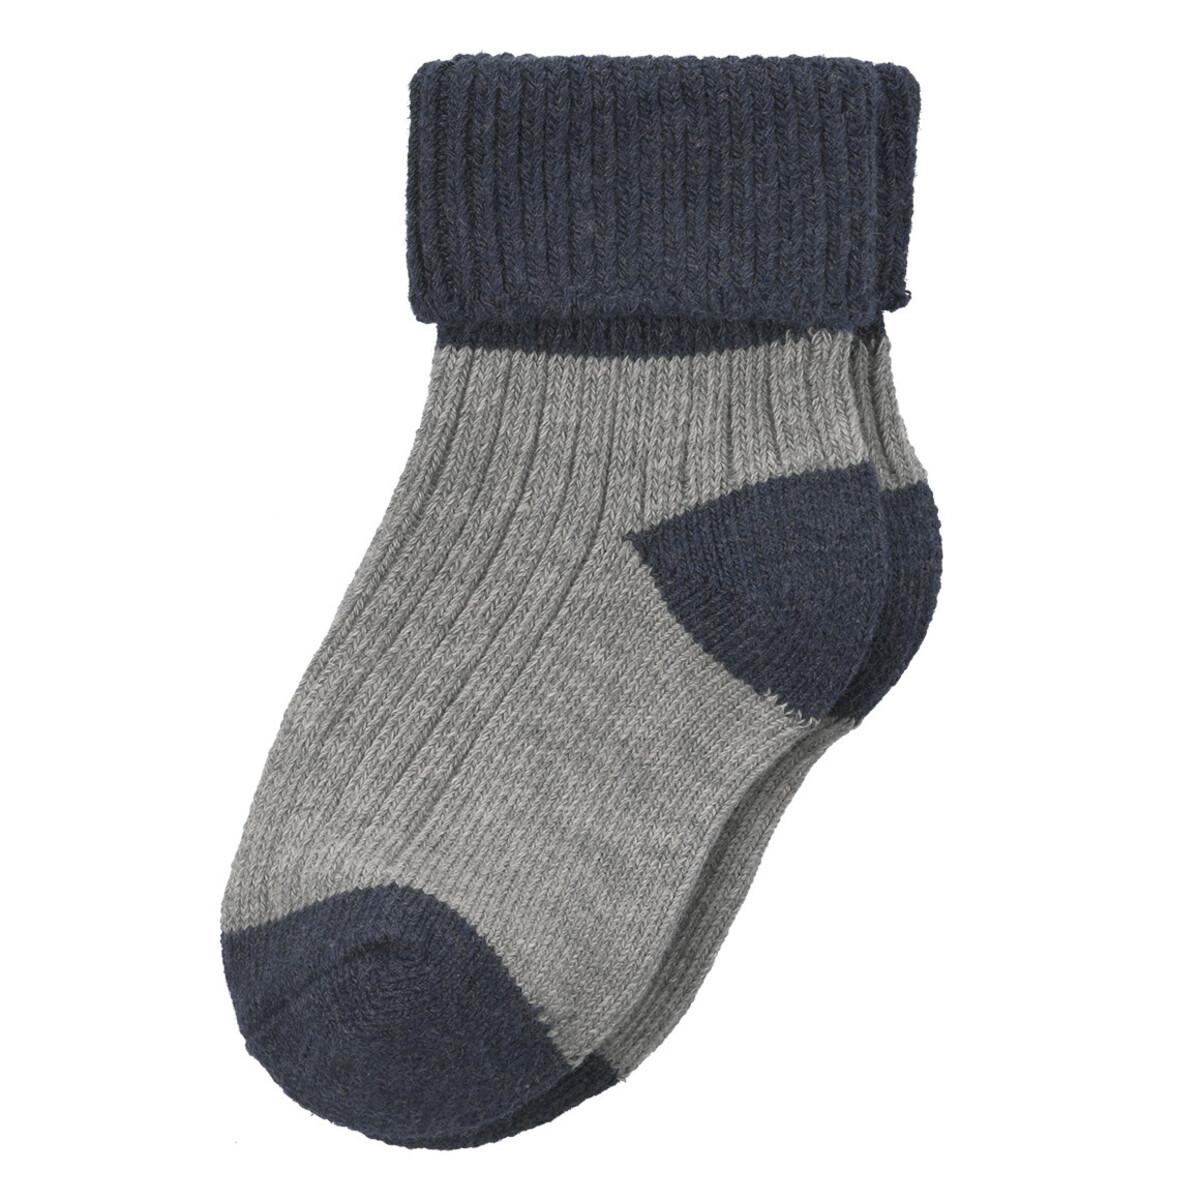 Bild 5 von 3 Paar Baby Socken im Set